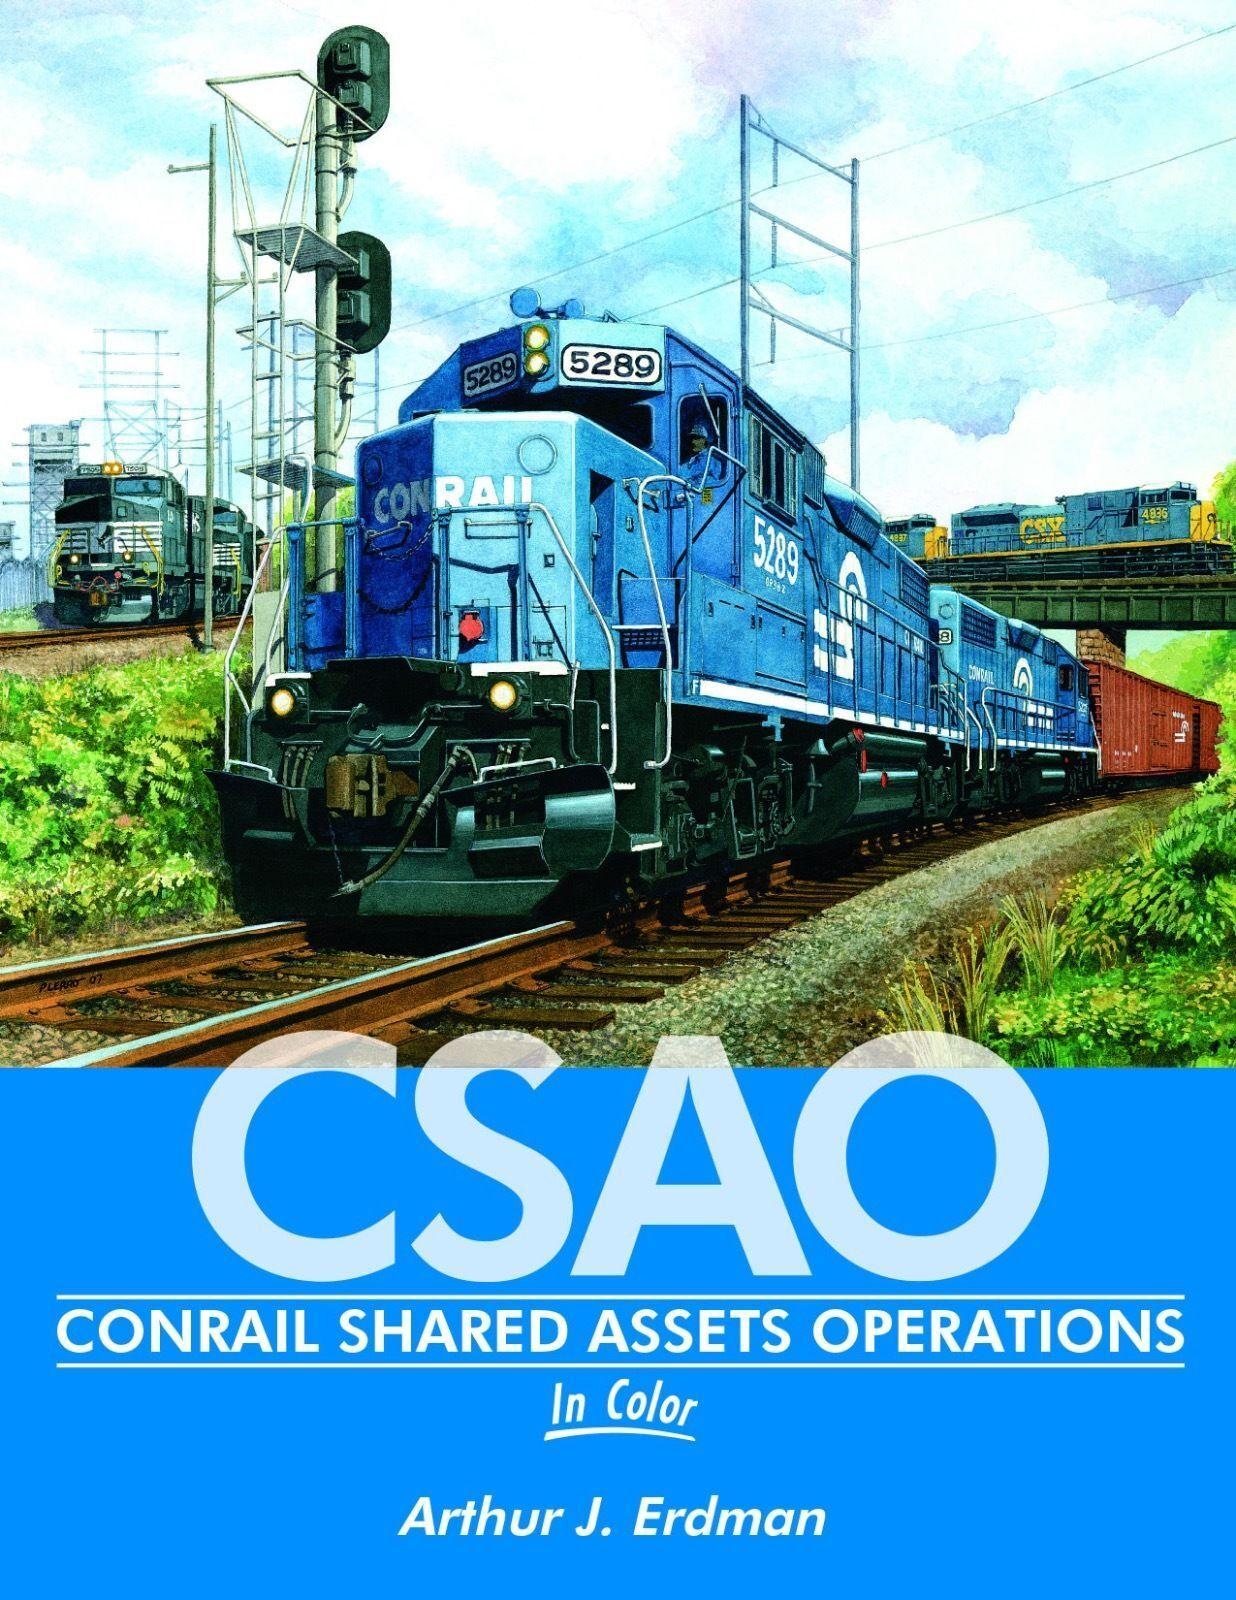 Csao - Conrail Condiviso Qualità Operations  Nuovo Libro